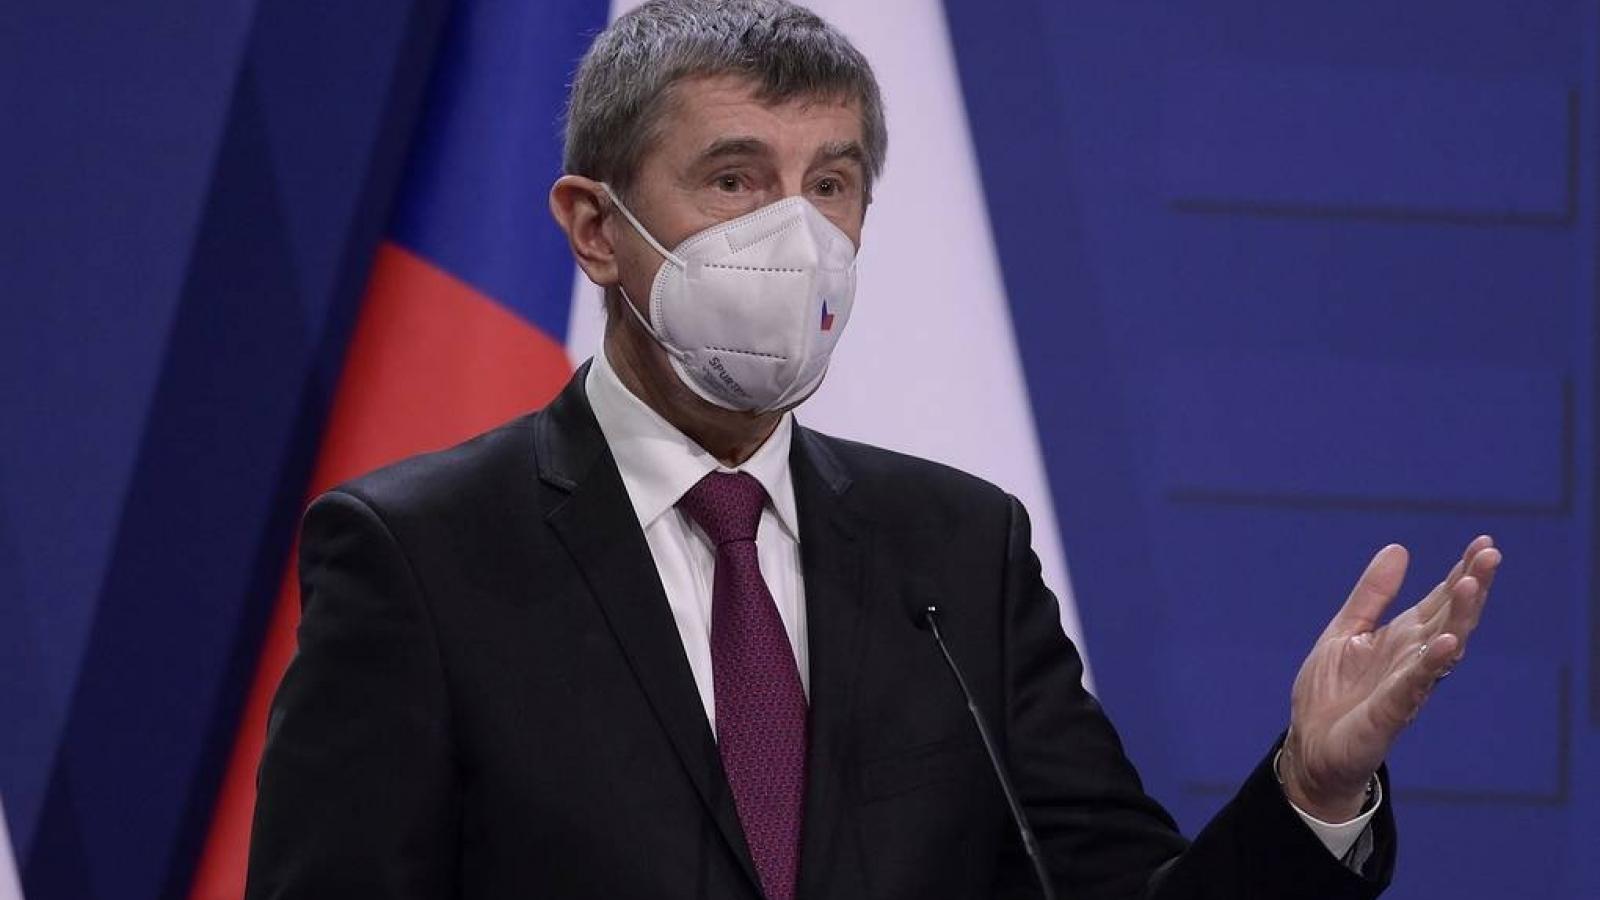 Thủ tướng Séc kêu gọi giảm leo thang căng thẳng trong quan hệ với Nga